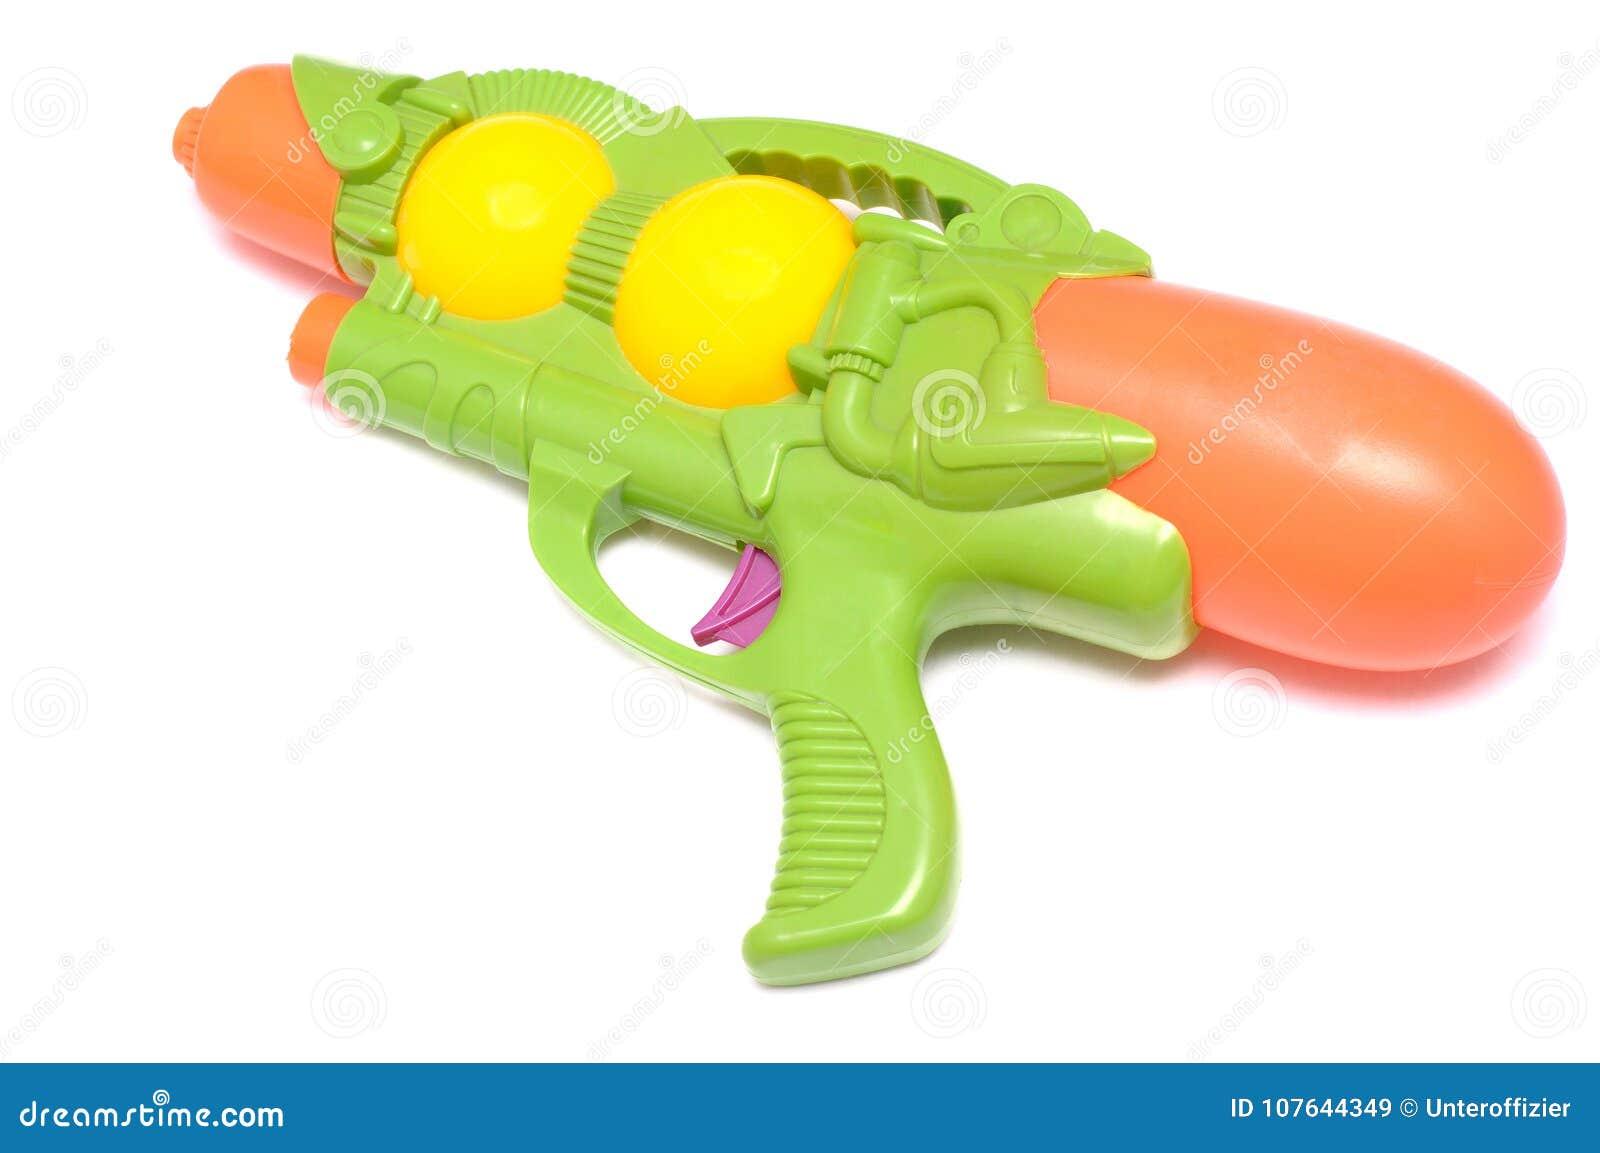 Zielony zabawkarski wodny pistolet przeciw białemu tłu